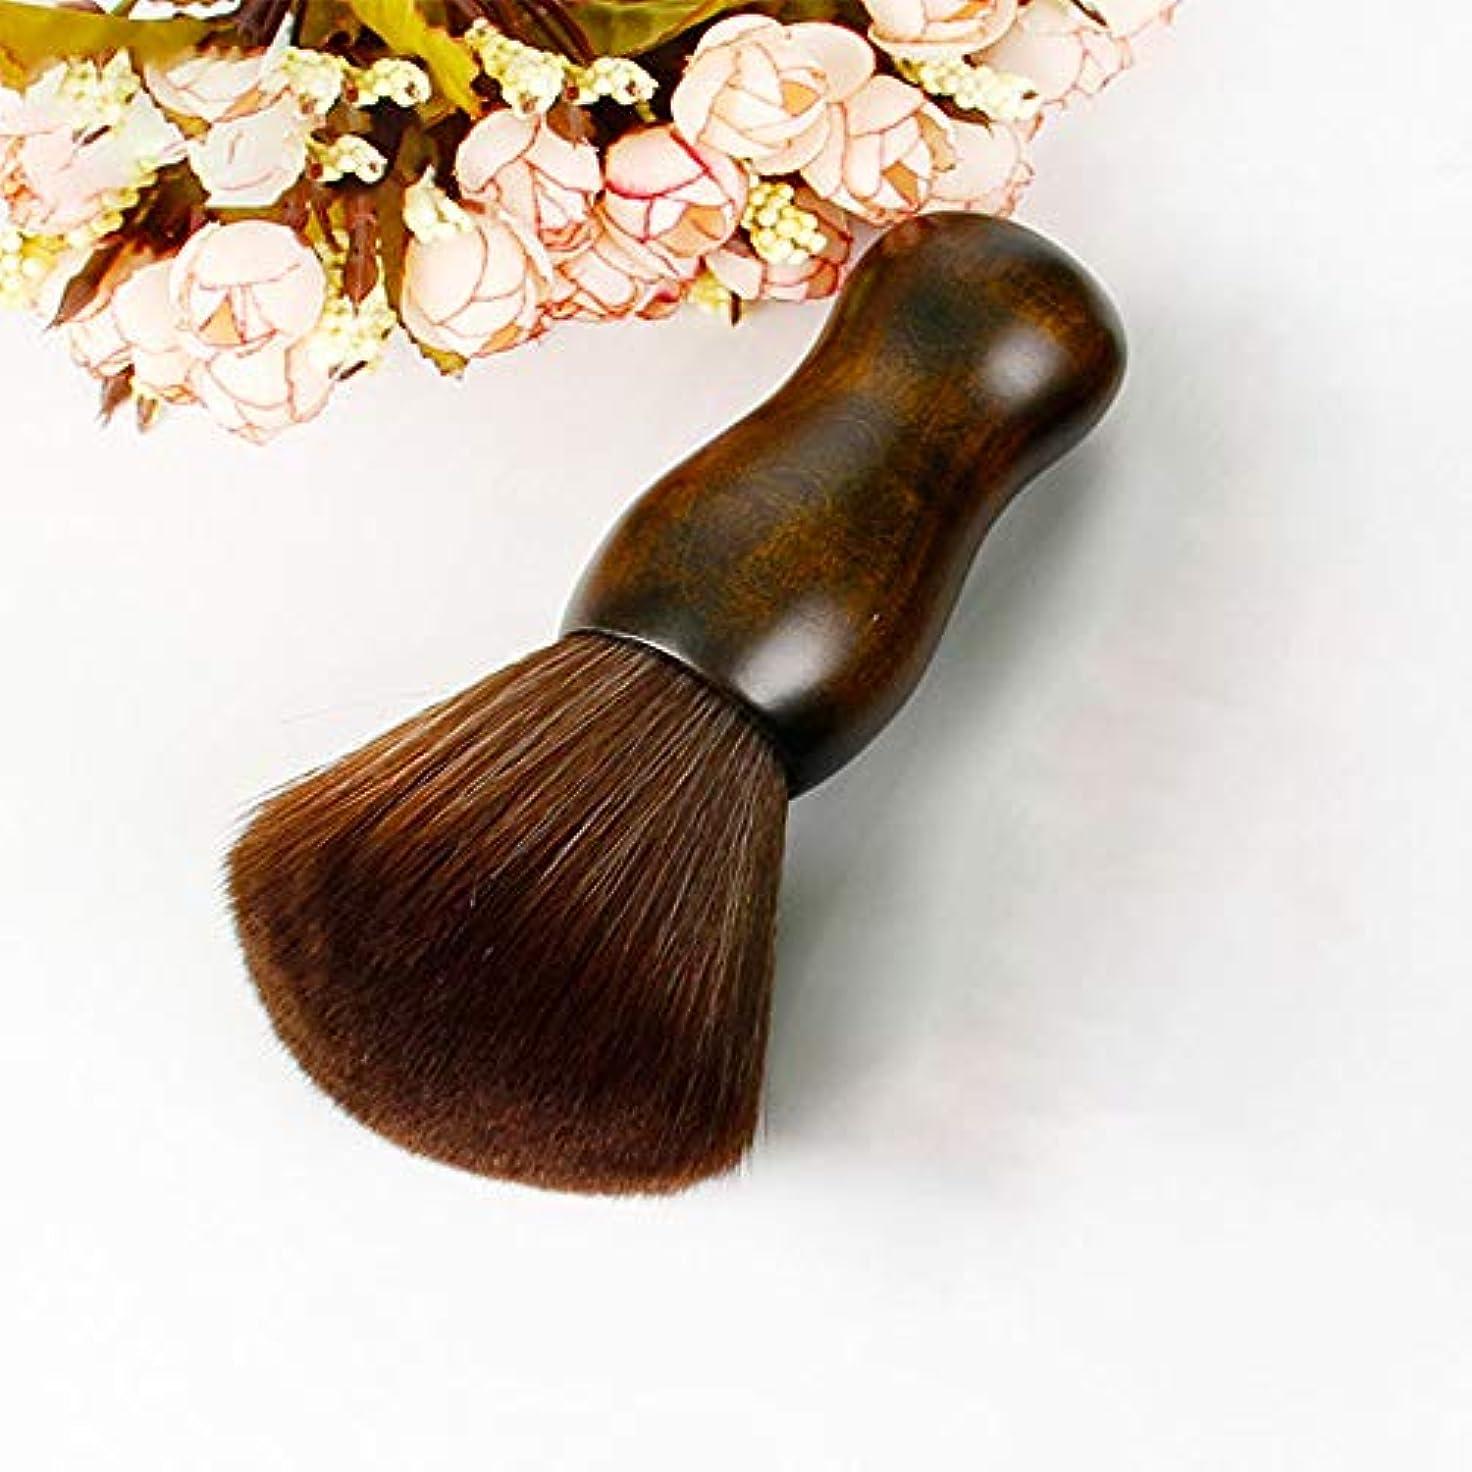 悲観主義者純粋に耐えられる専門のバリカンつばの三つ編みのブラシの頭部、木のハンドルの毛の切断装置のナイロンブラシ